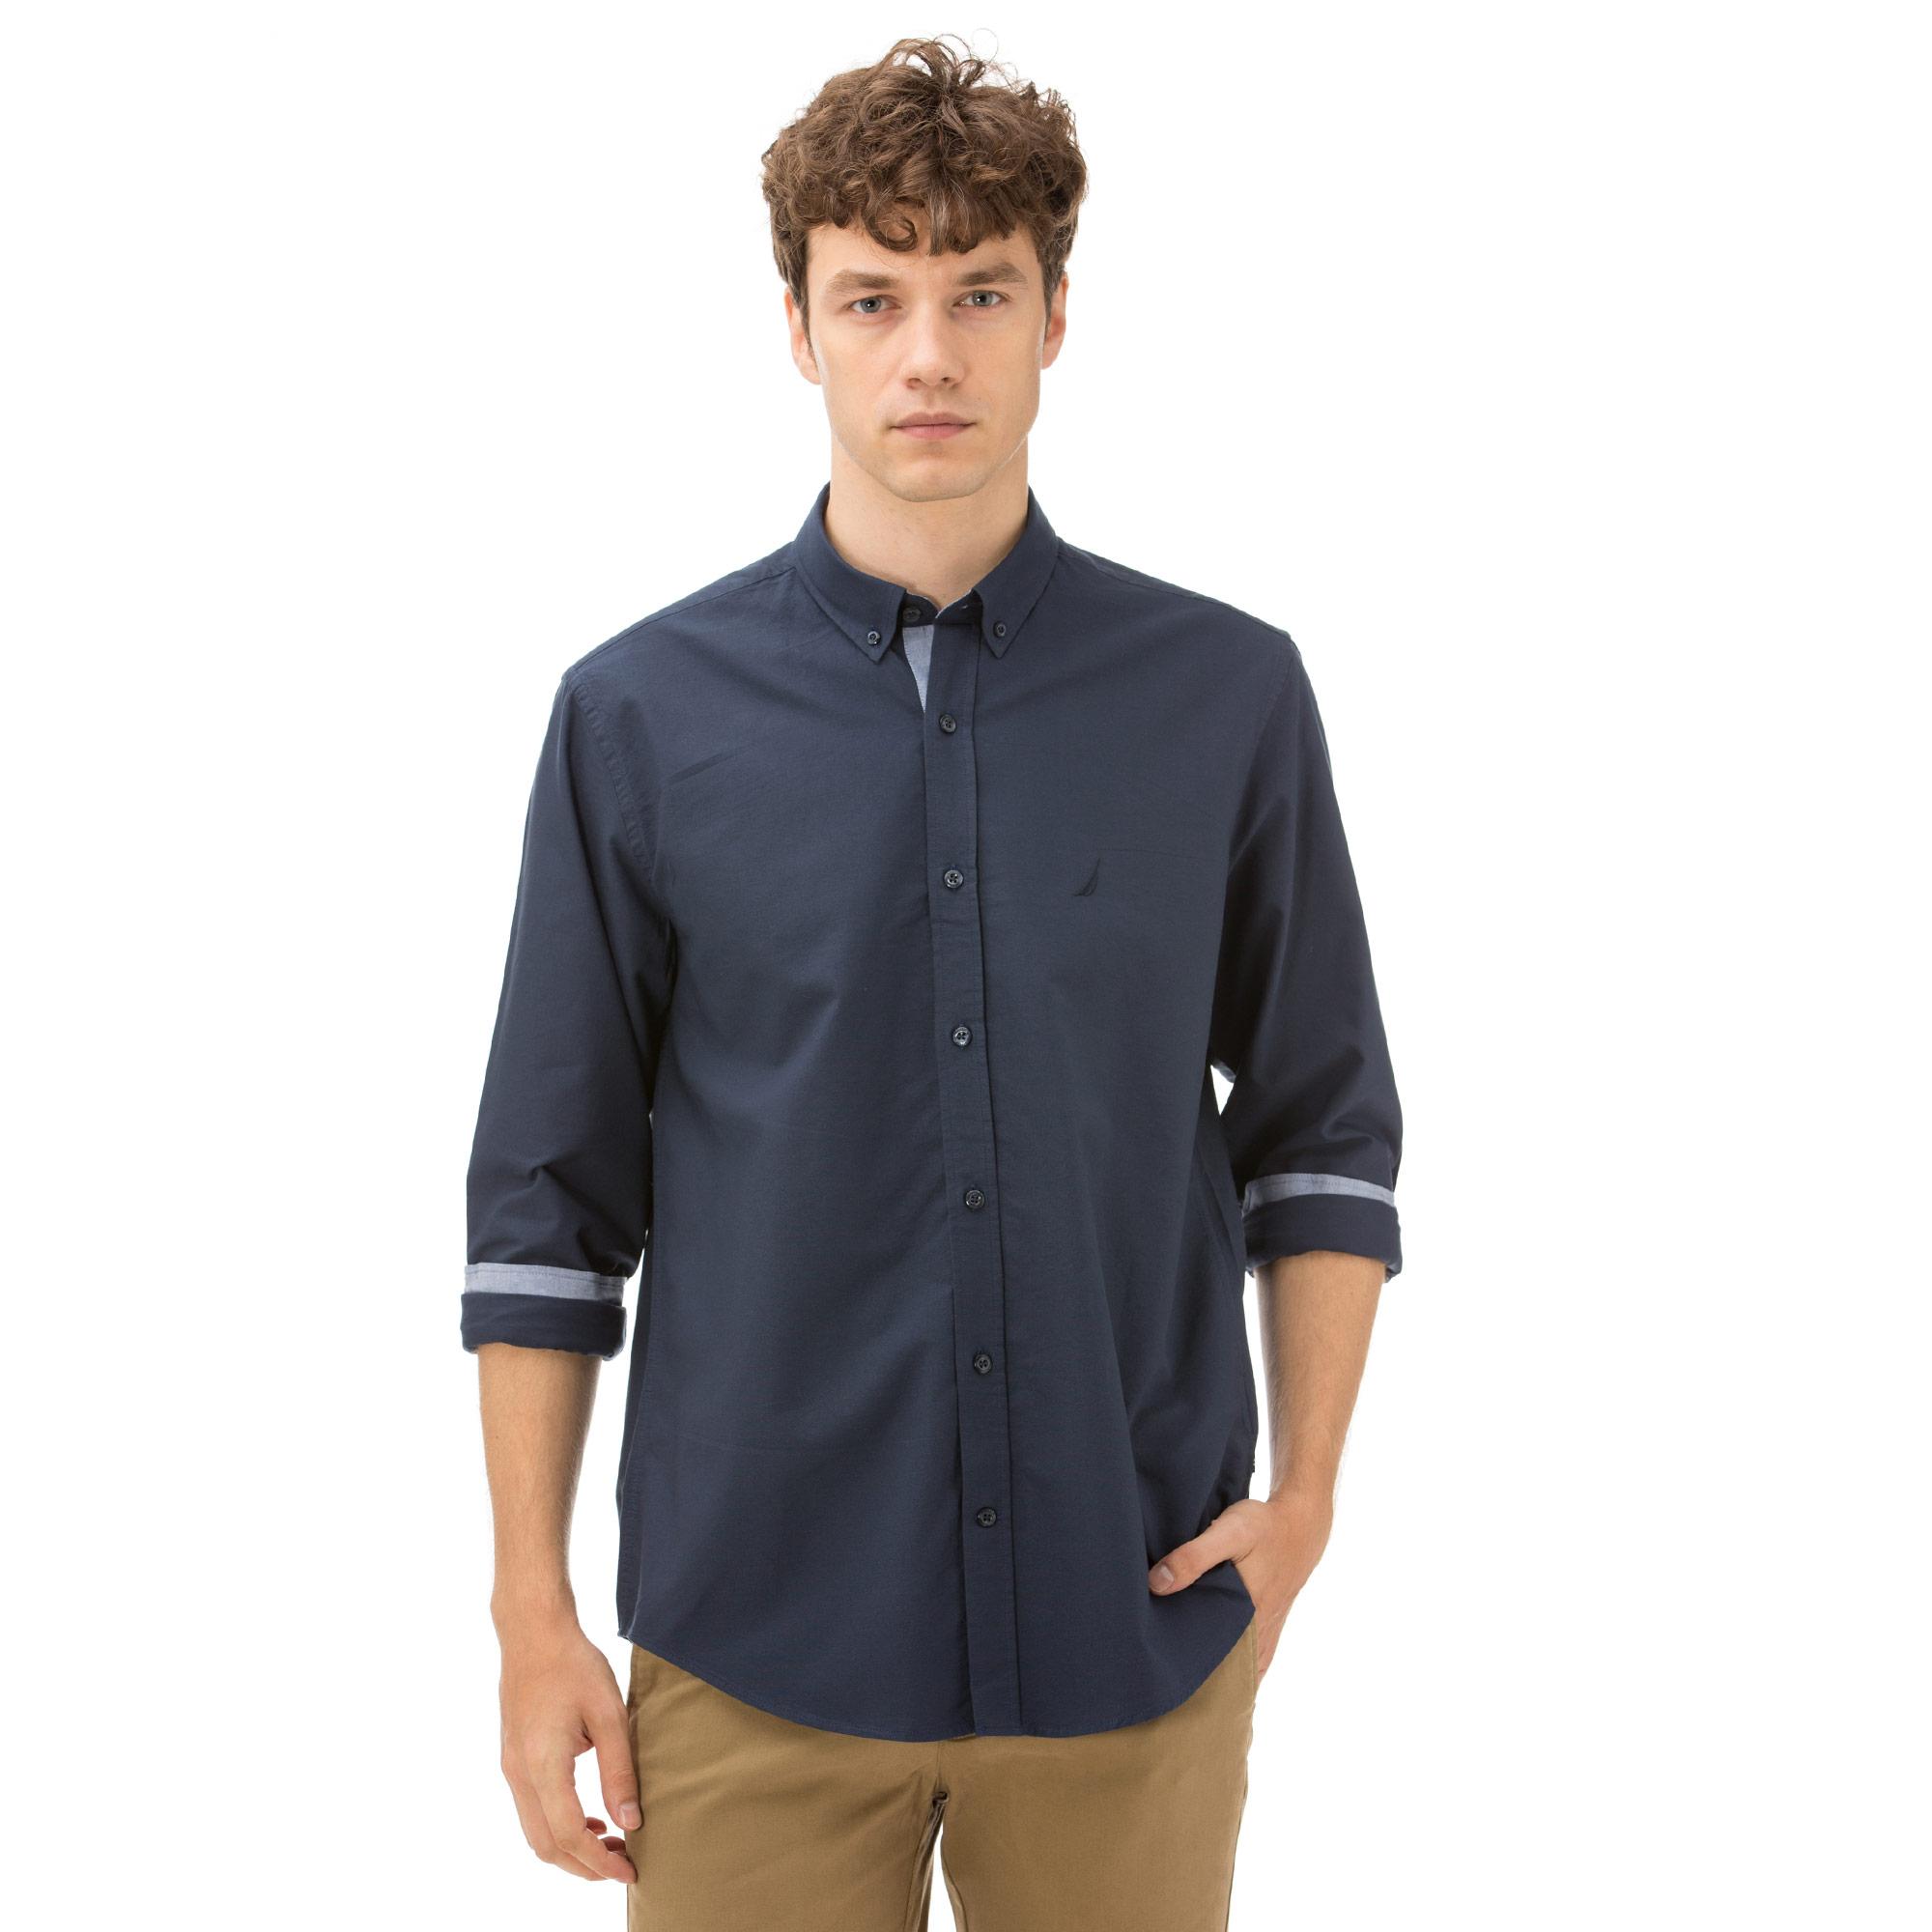 Nautica Erkek Classıc Fıt Lacivert Gömlek